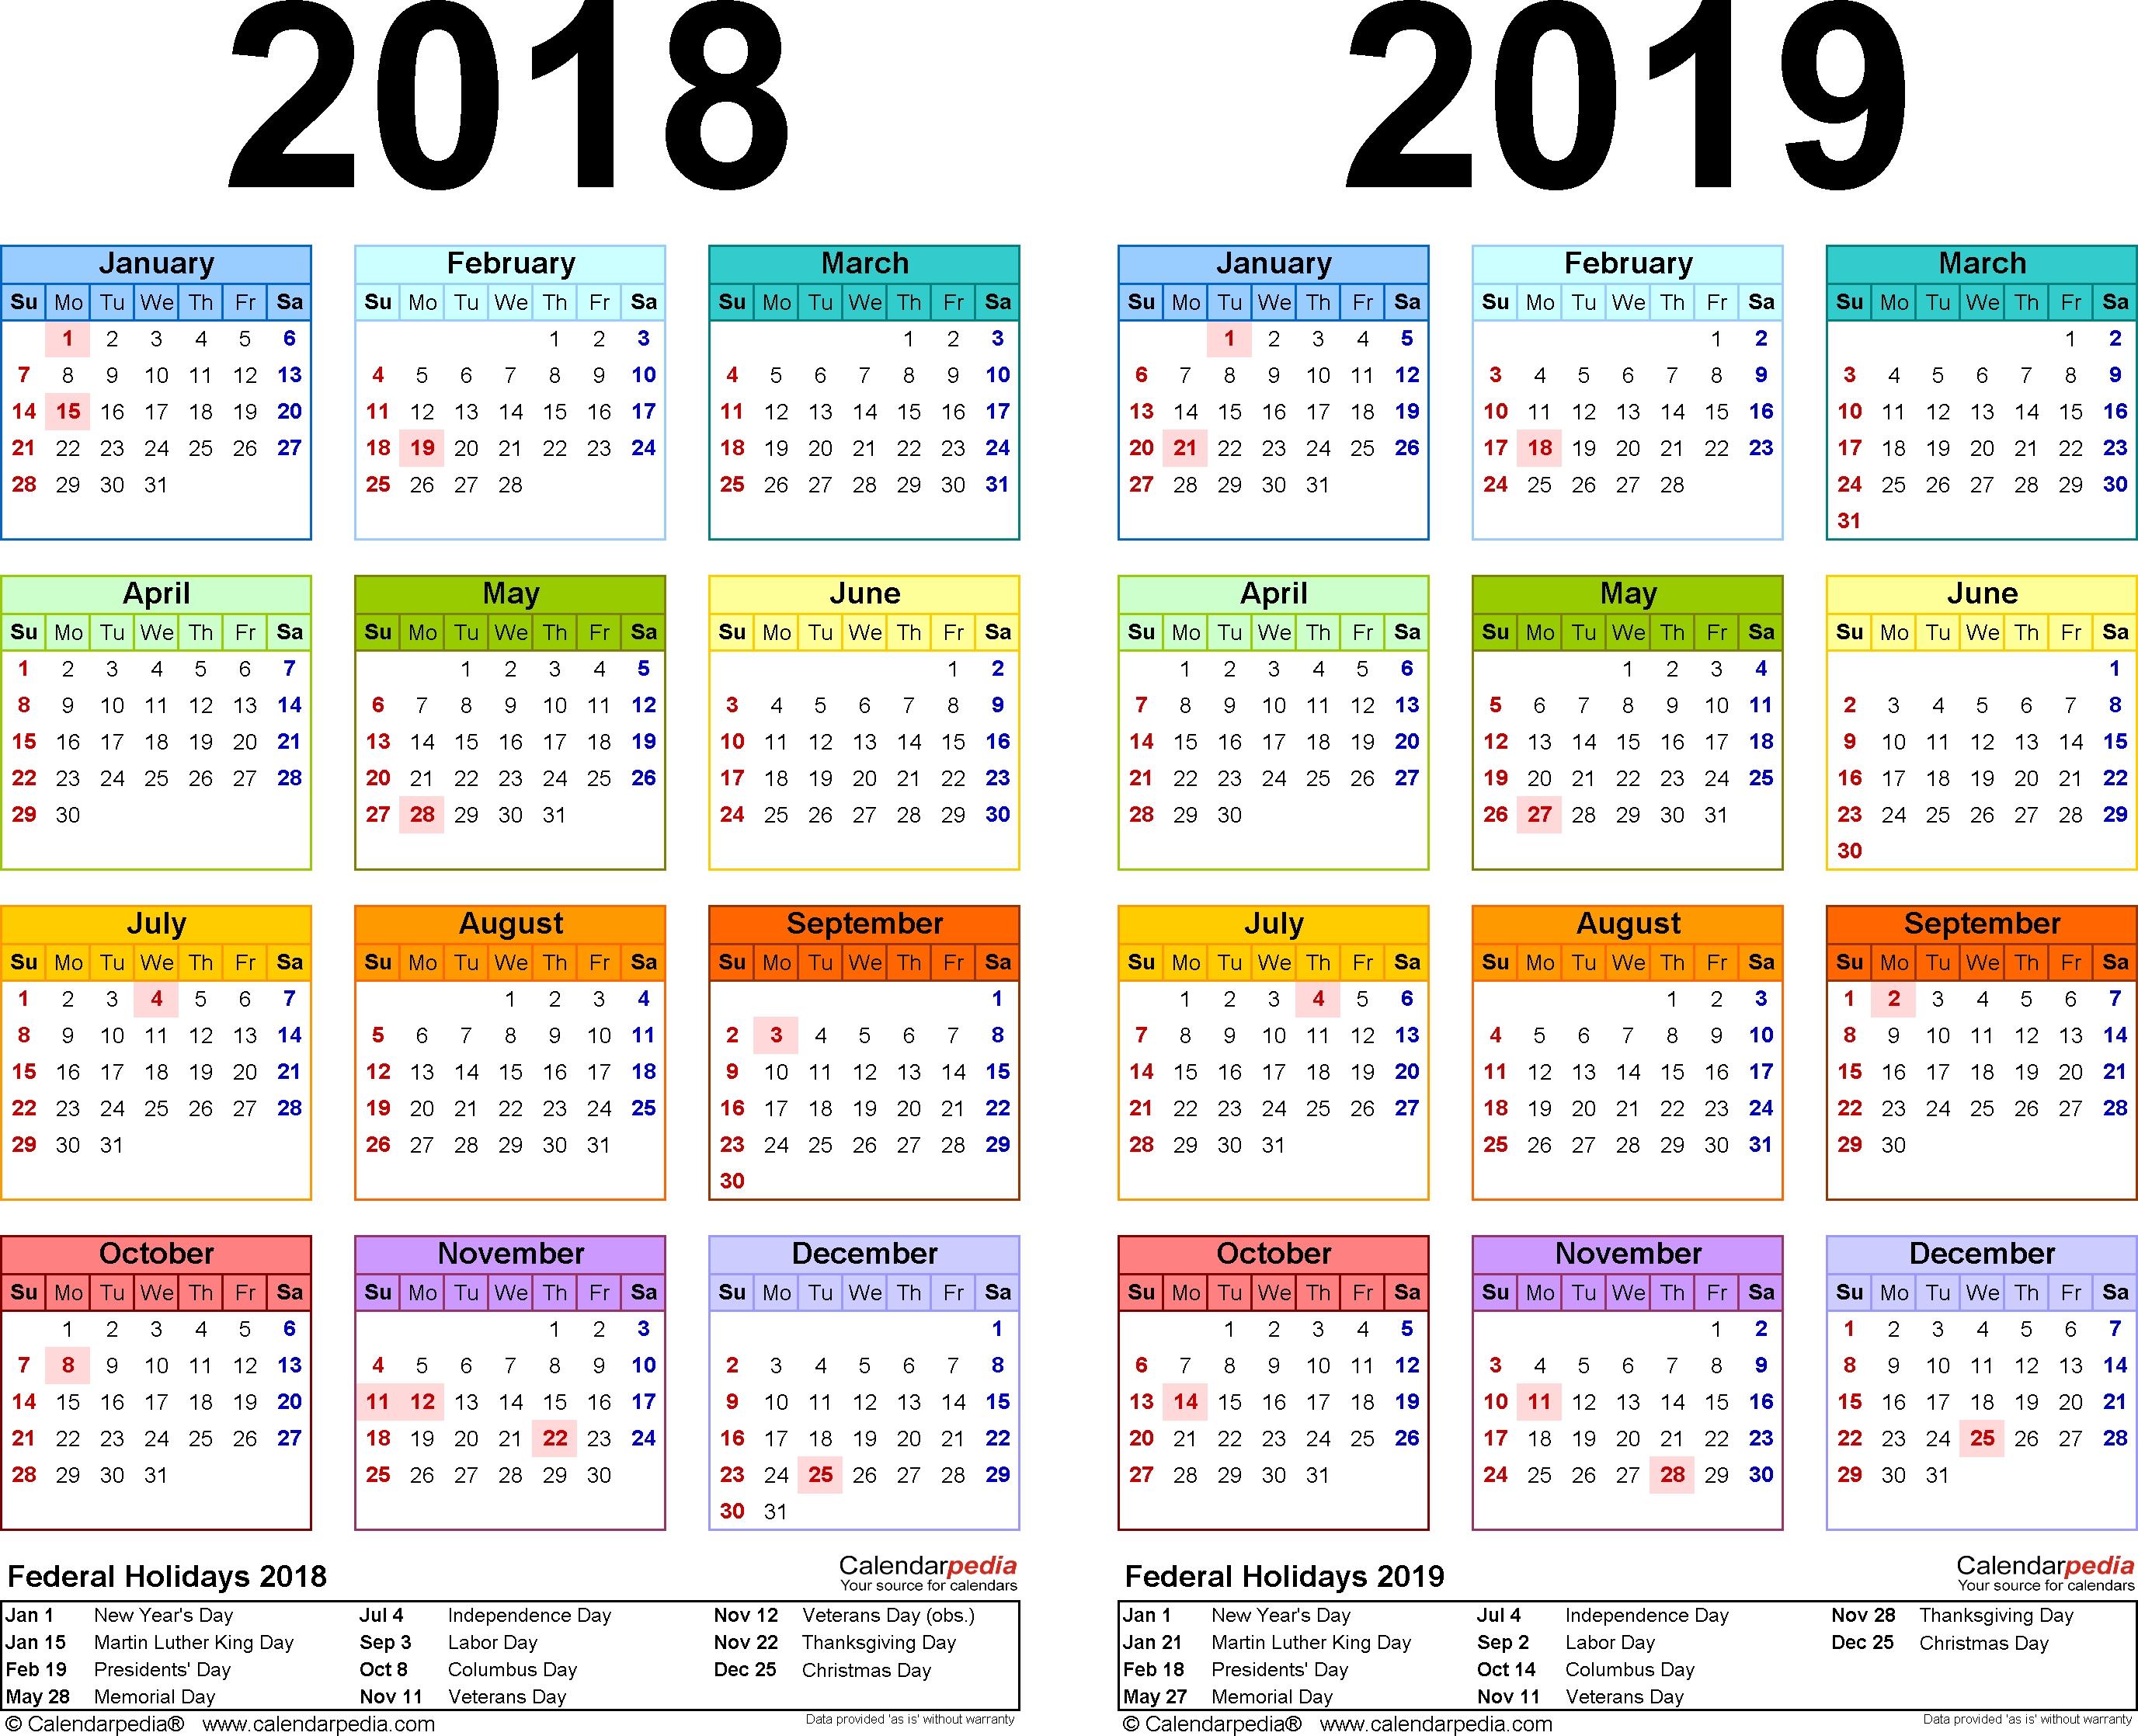 Zile Libere 2019: Guvernul Va Anunţa Când Se Fac Calendar 2019 Romania Cu Sarbatori Legale